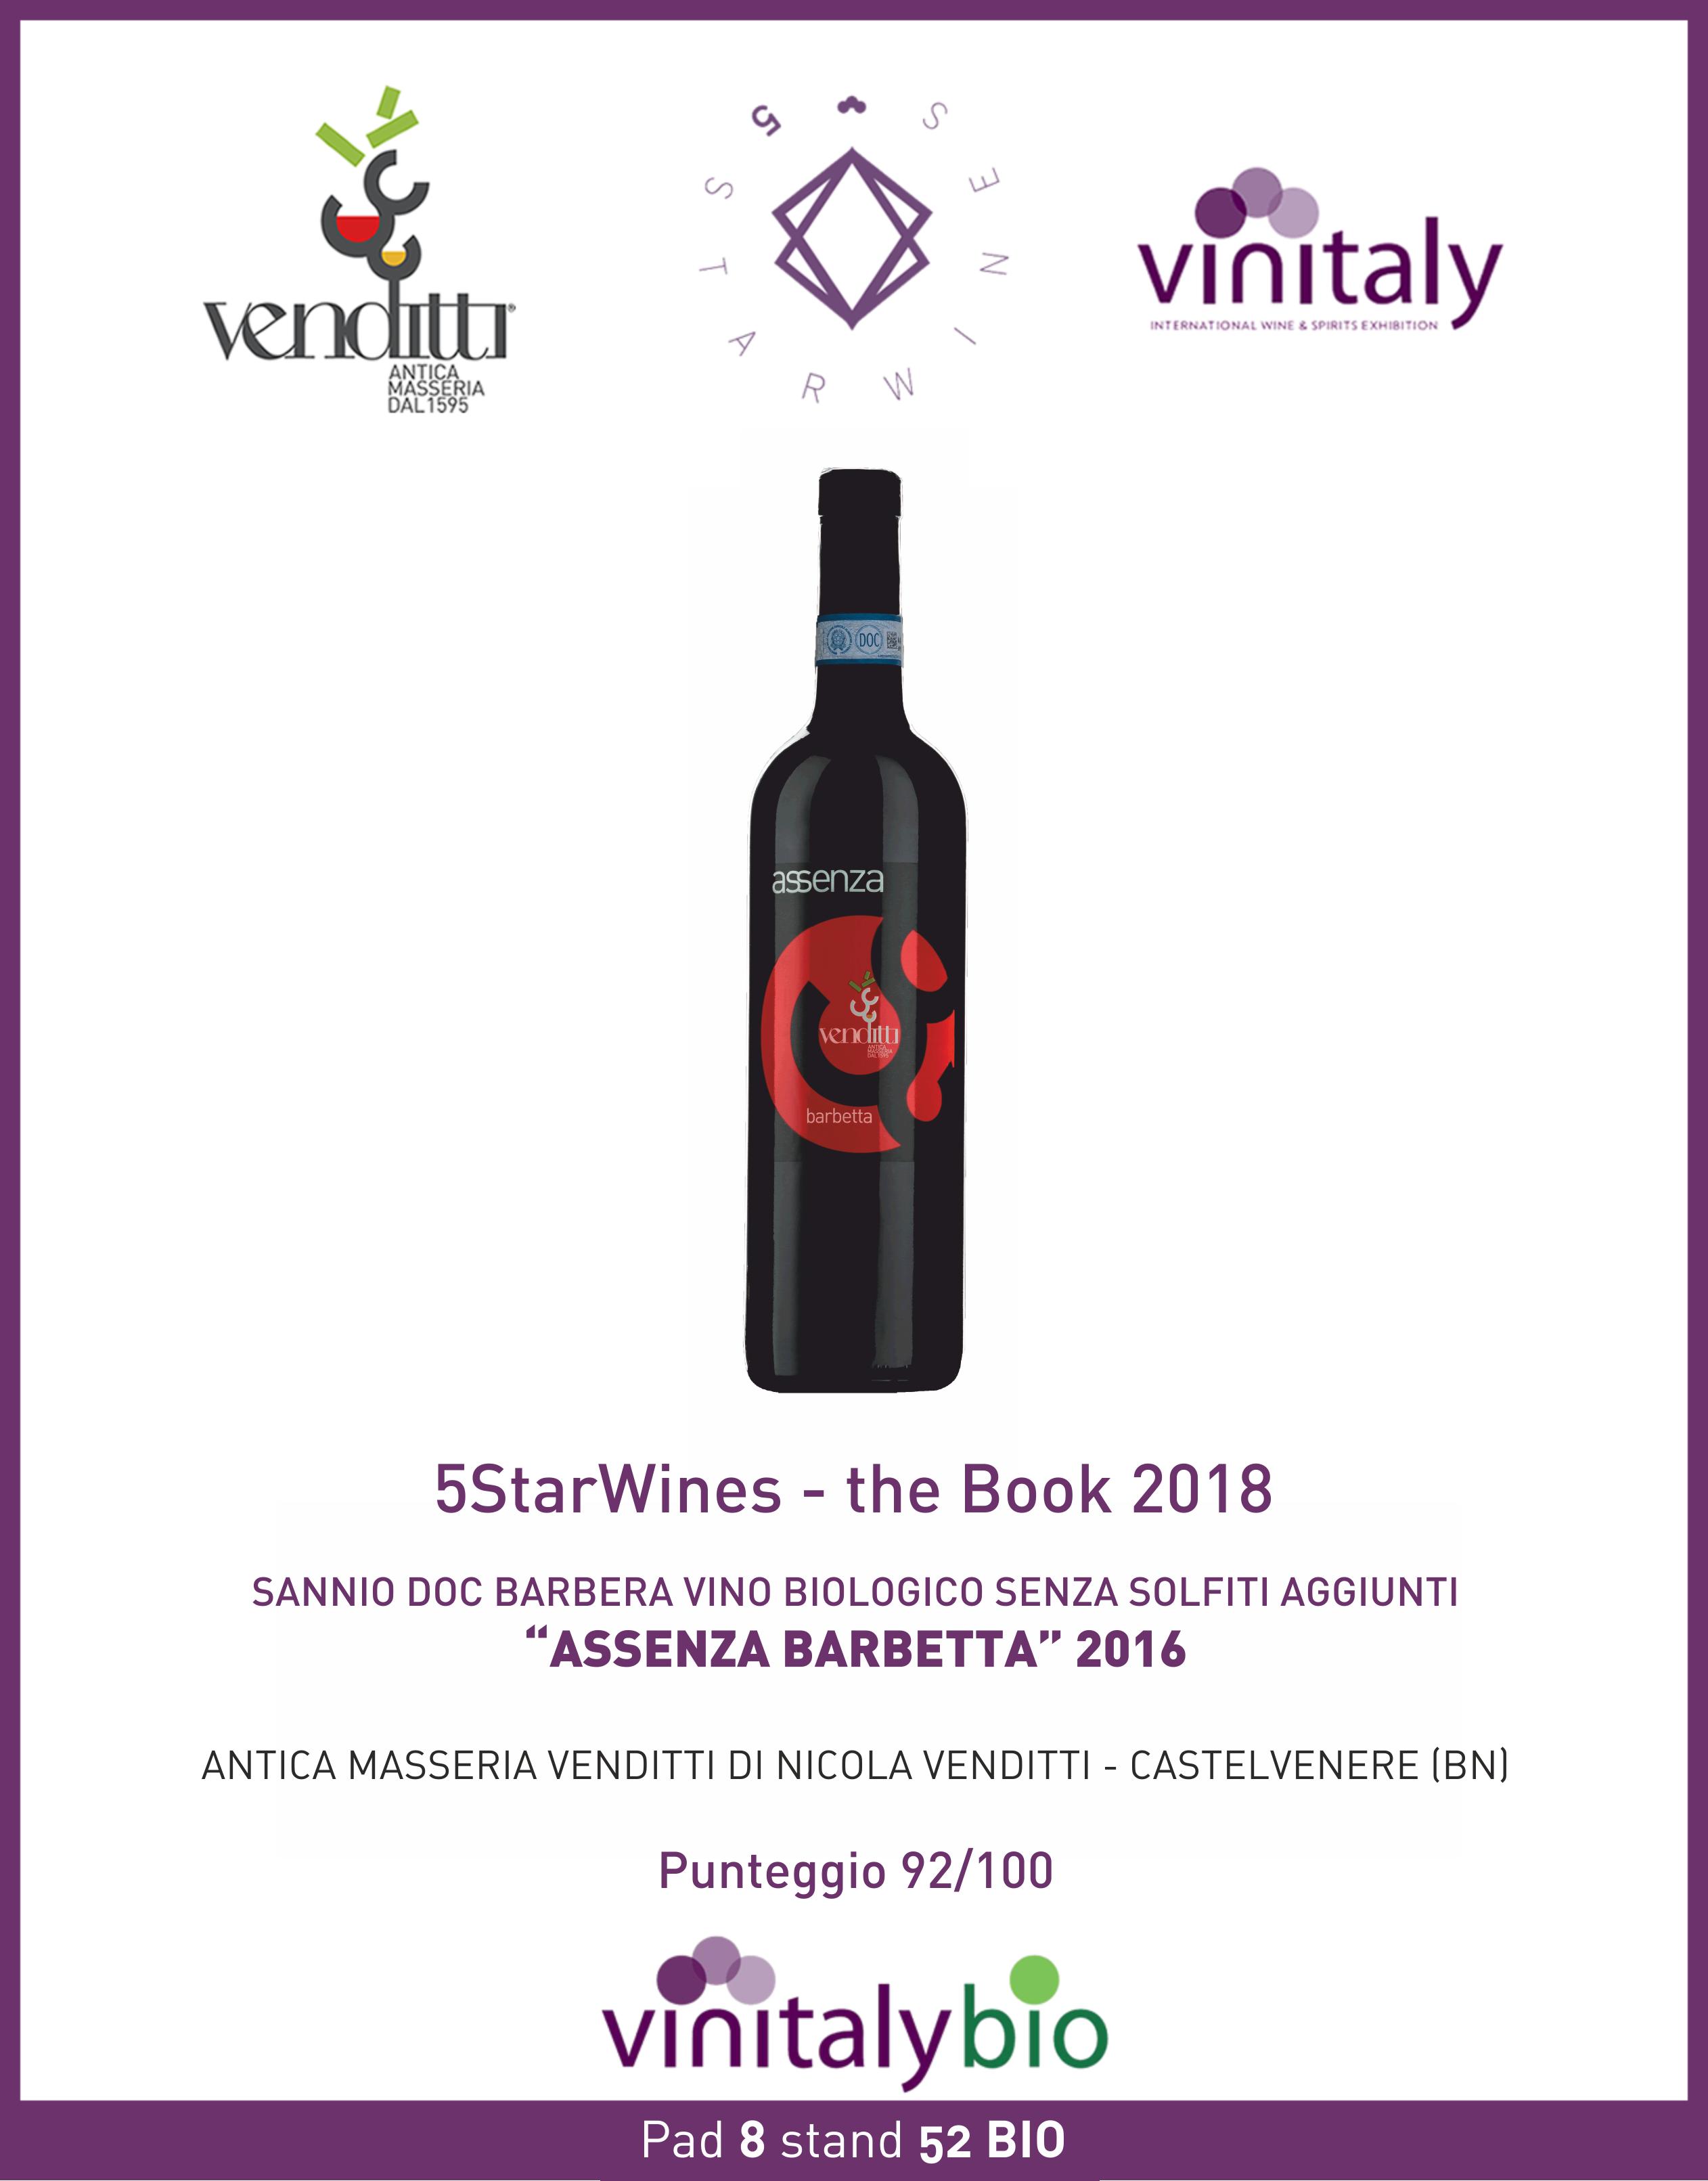 Vinitaly, grandissimo successo di Assenza Barbetta annata 2016, vino biologico e senza solfiti